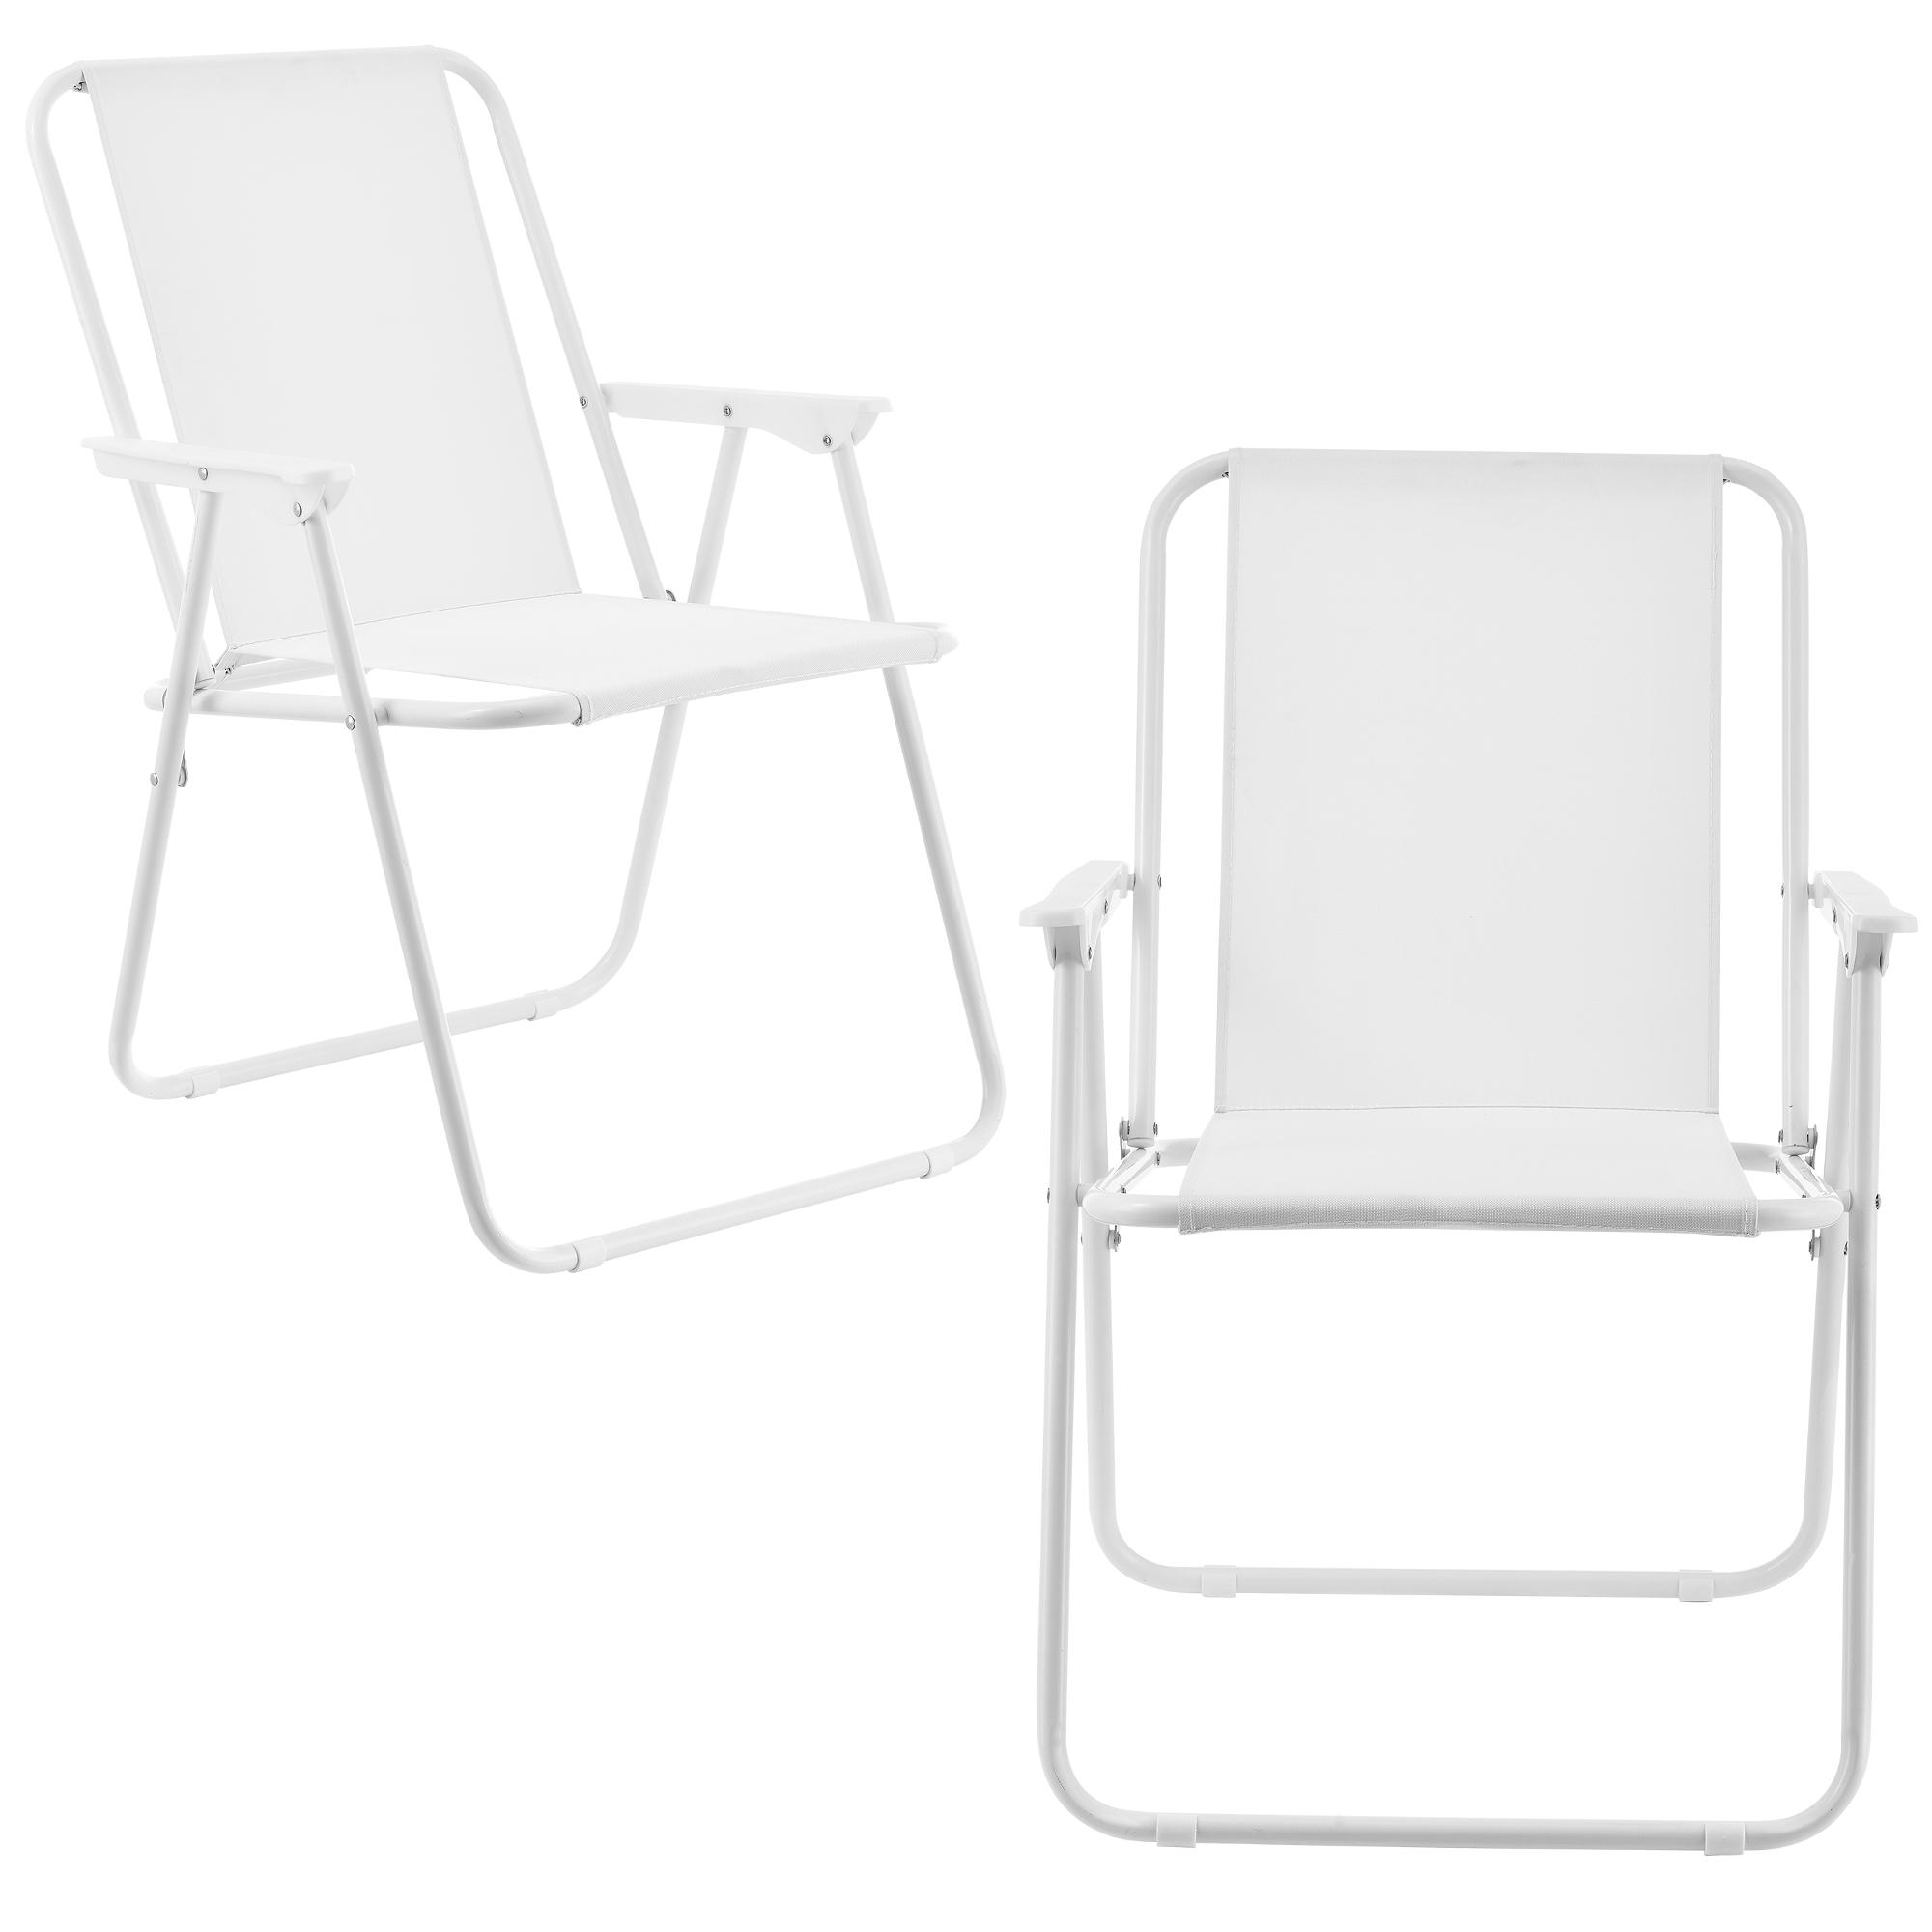 [casa.pro]® Camping židle - dvojité rybářské křeslo set,74 x 54 cm 31 x 37,5 cm,bilá